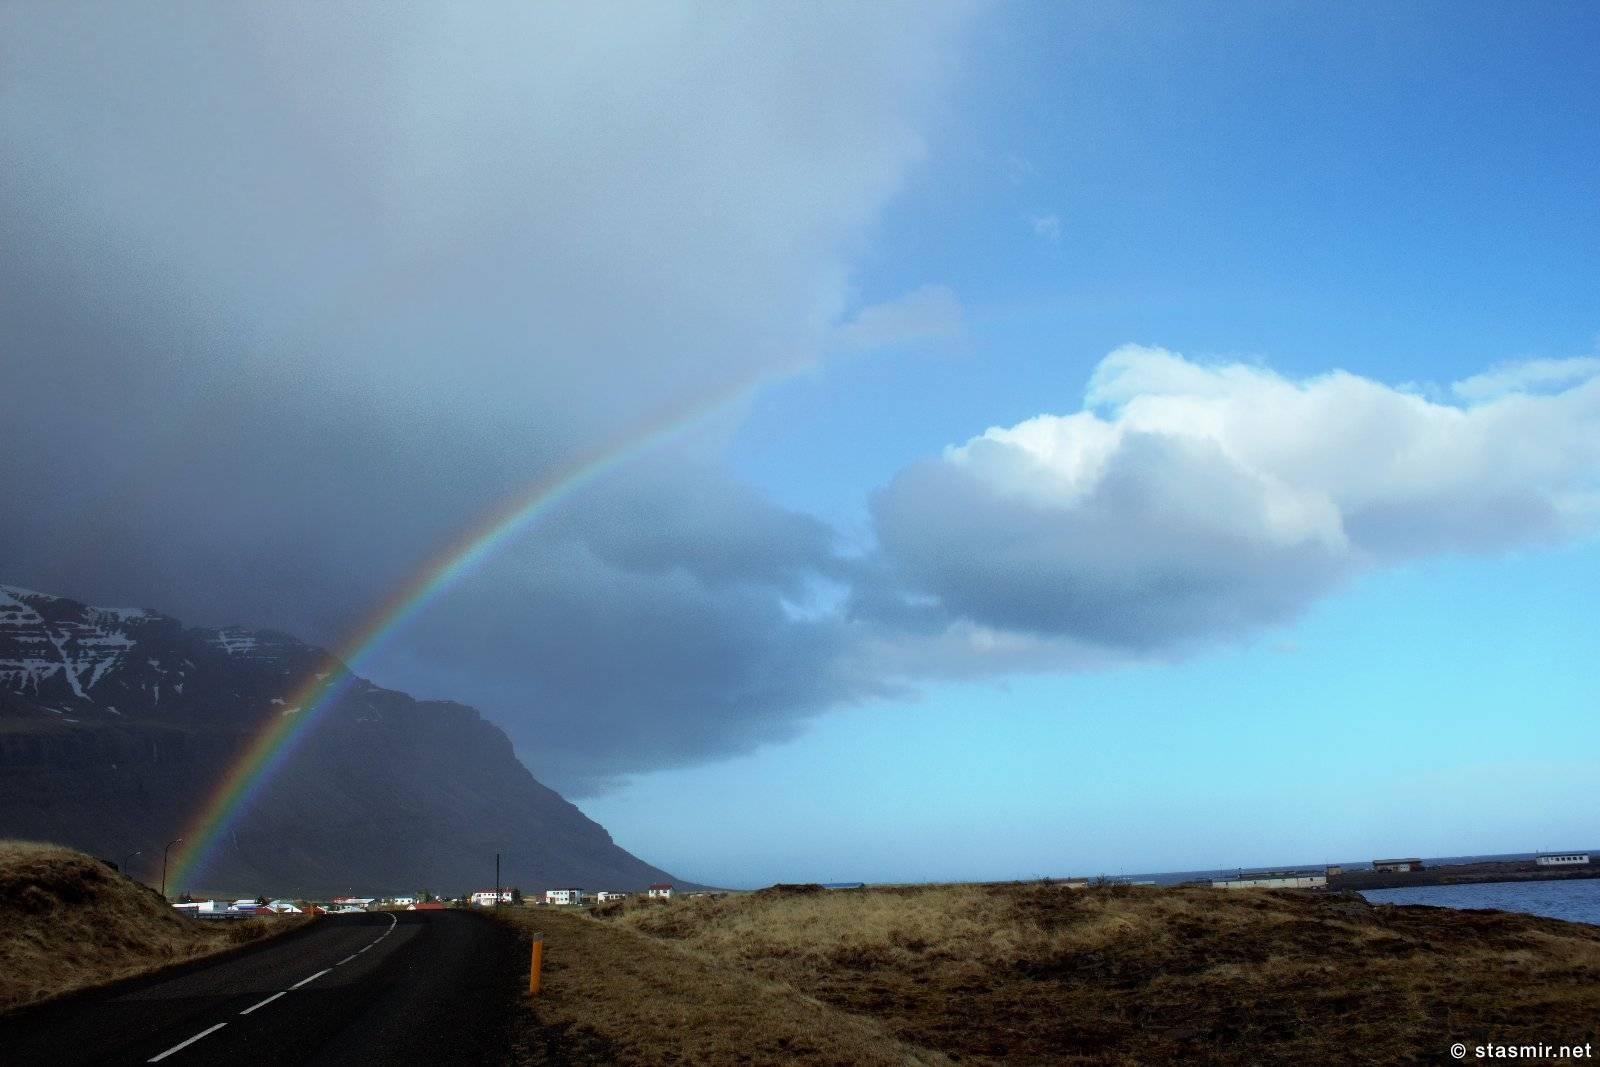 красивый трекинг в Восточных Фьордах, виды океана, фото Стасмир, Photo Stasmir